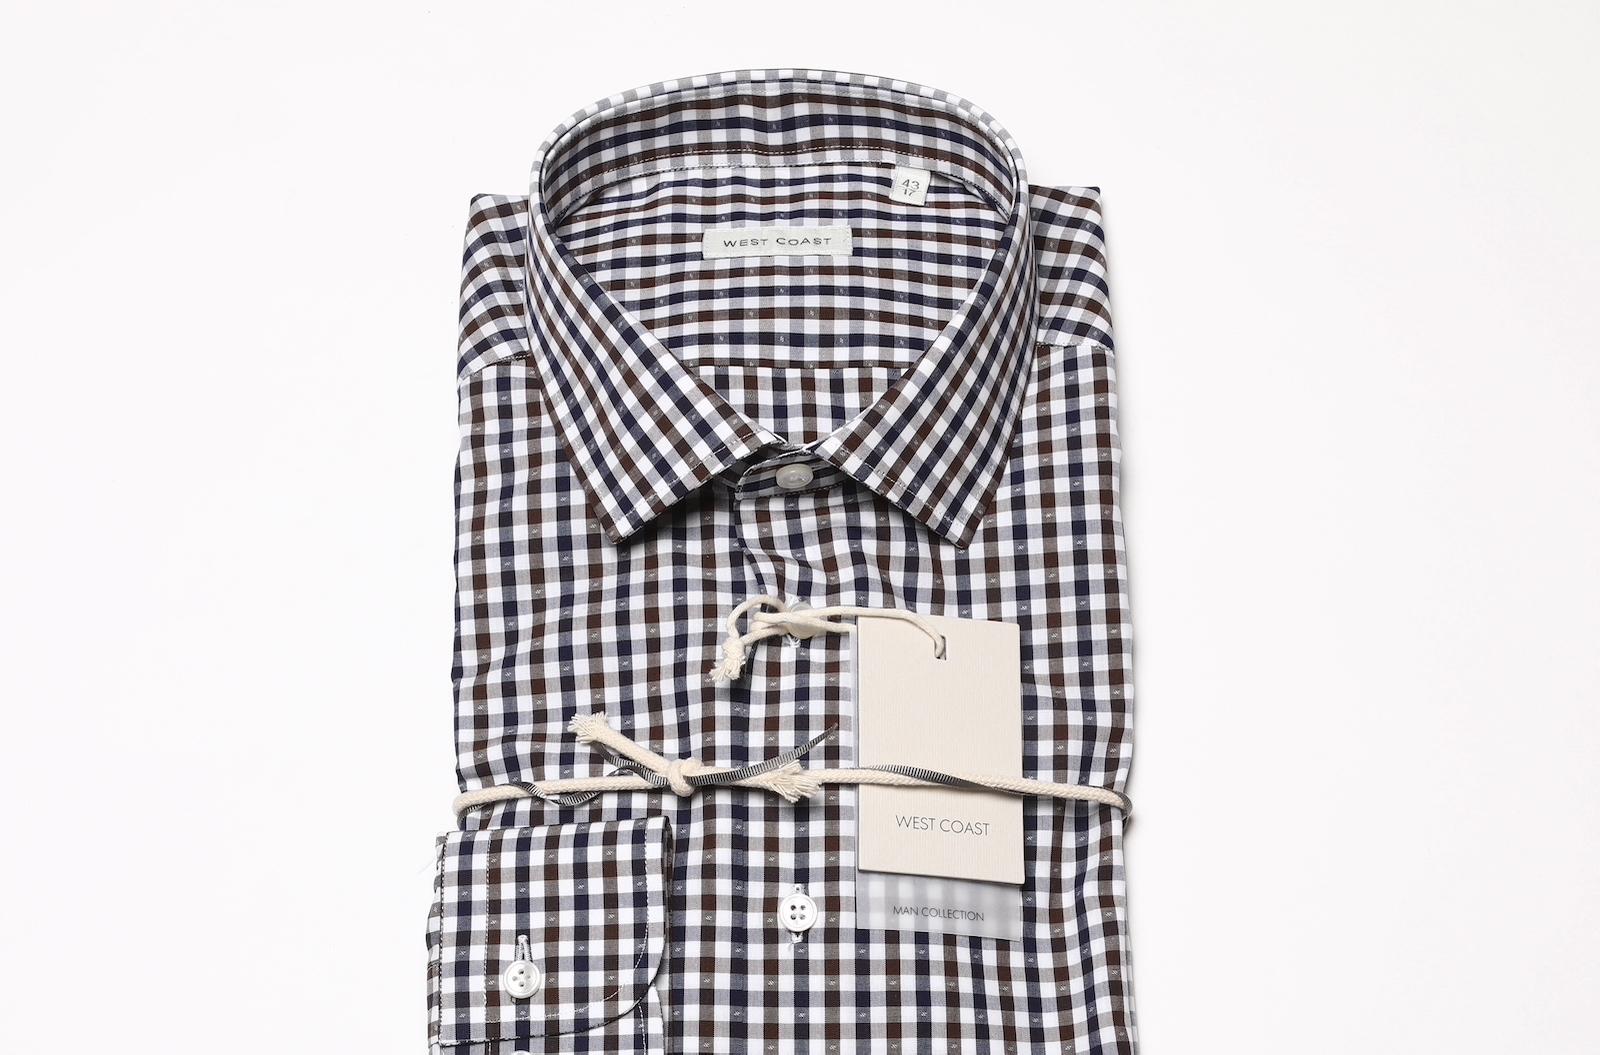 camicia-palazzina-dadino-italiano